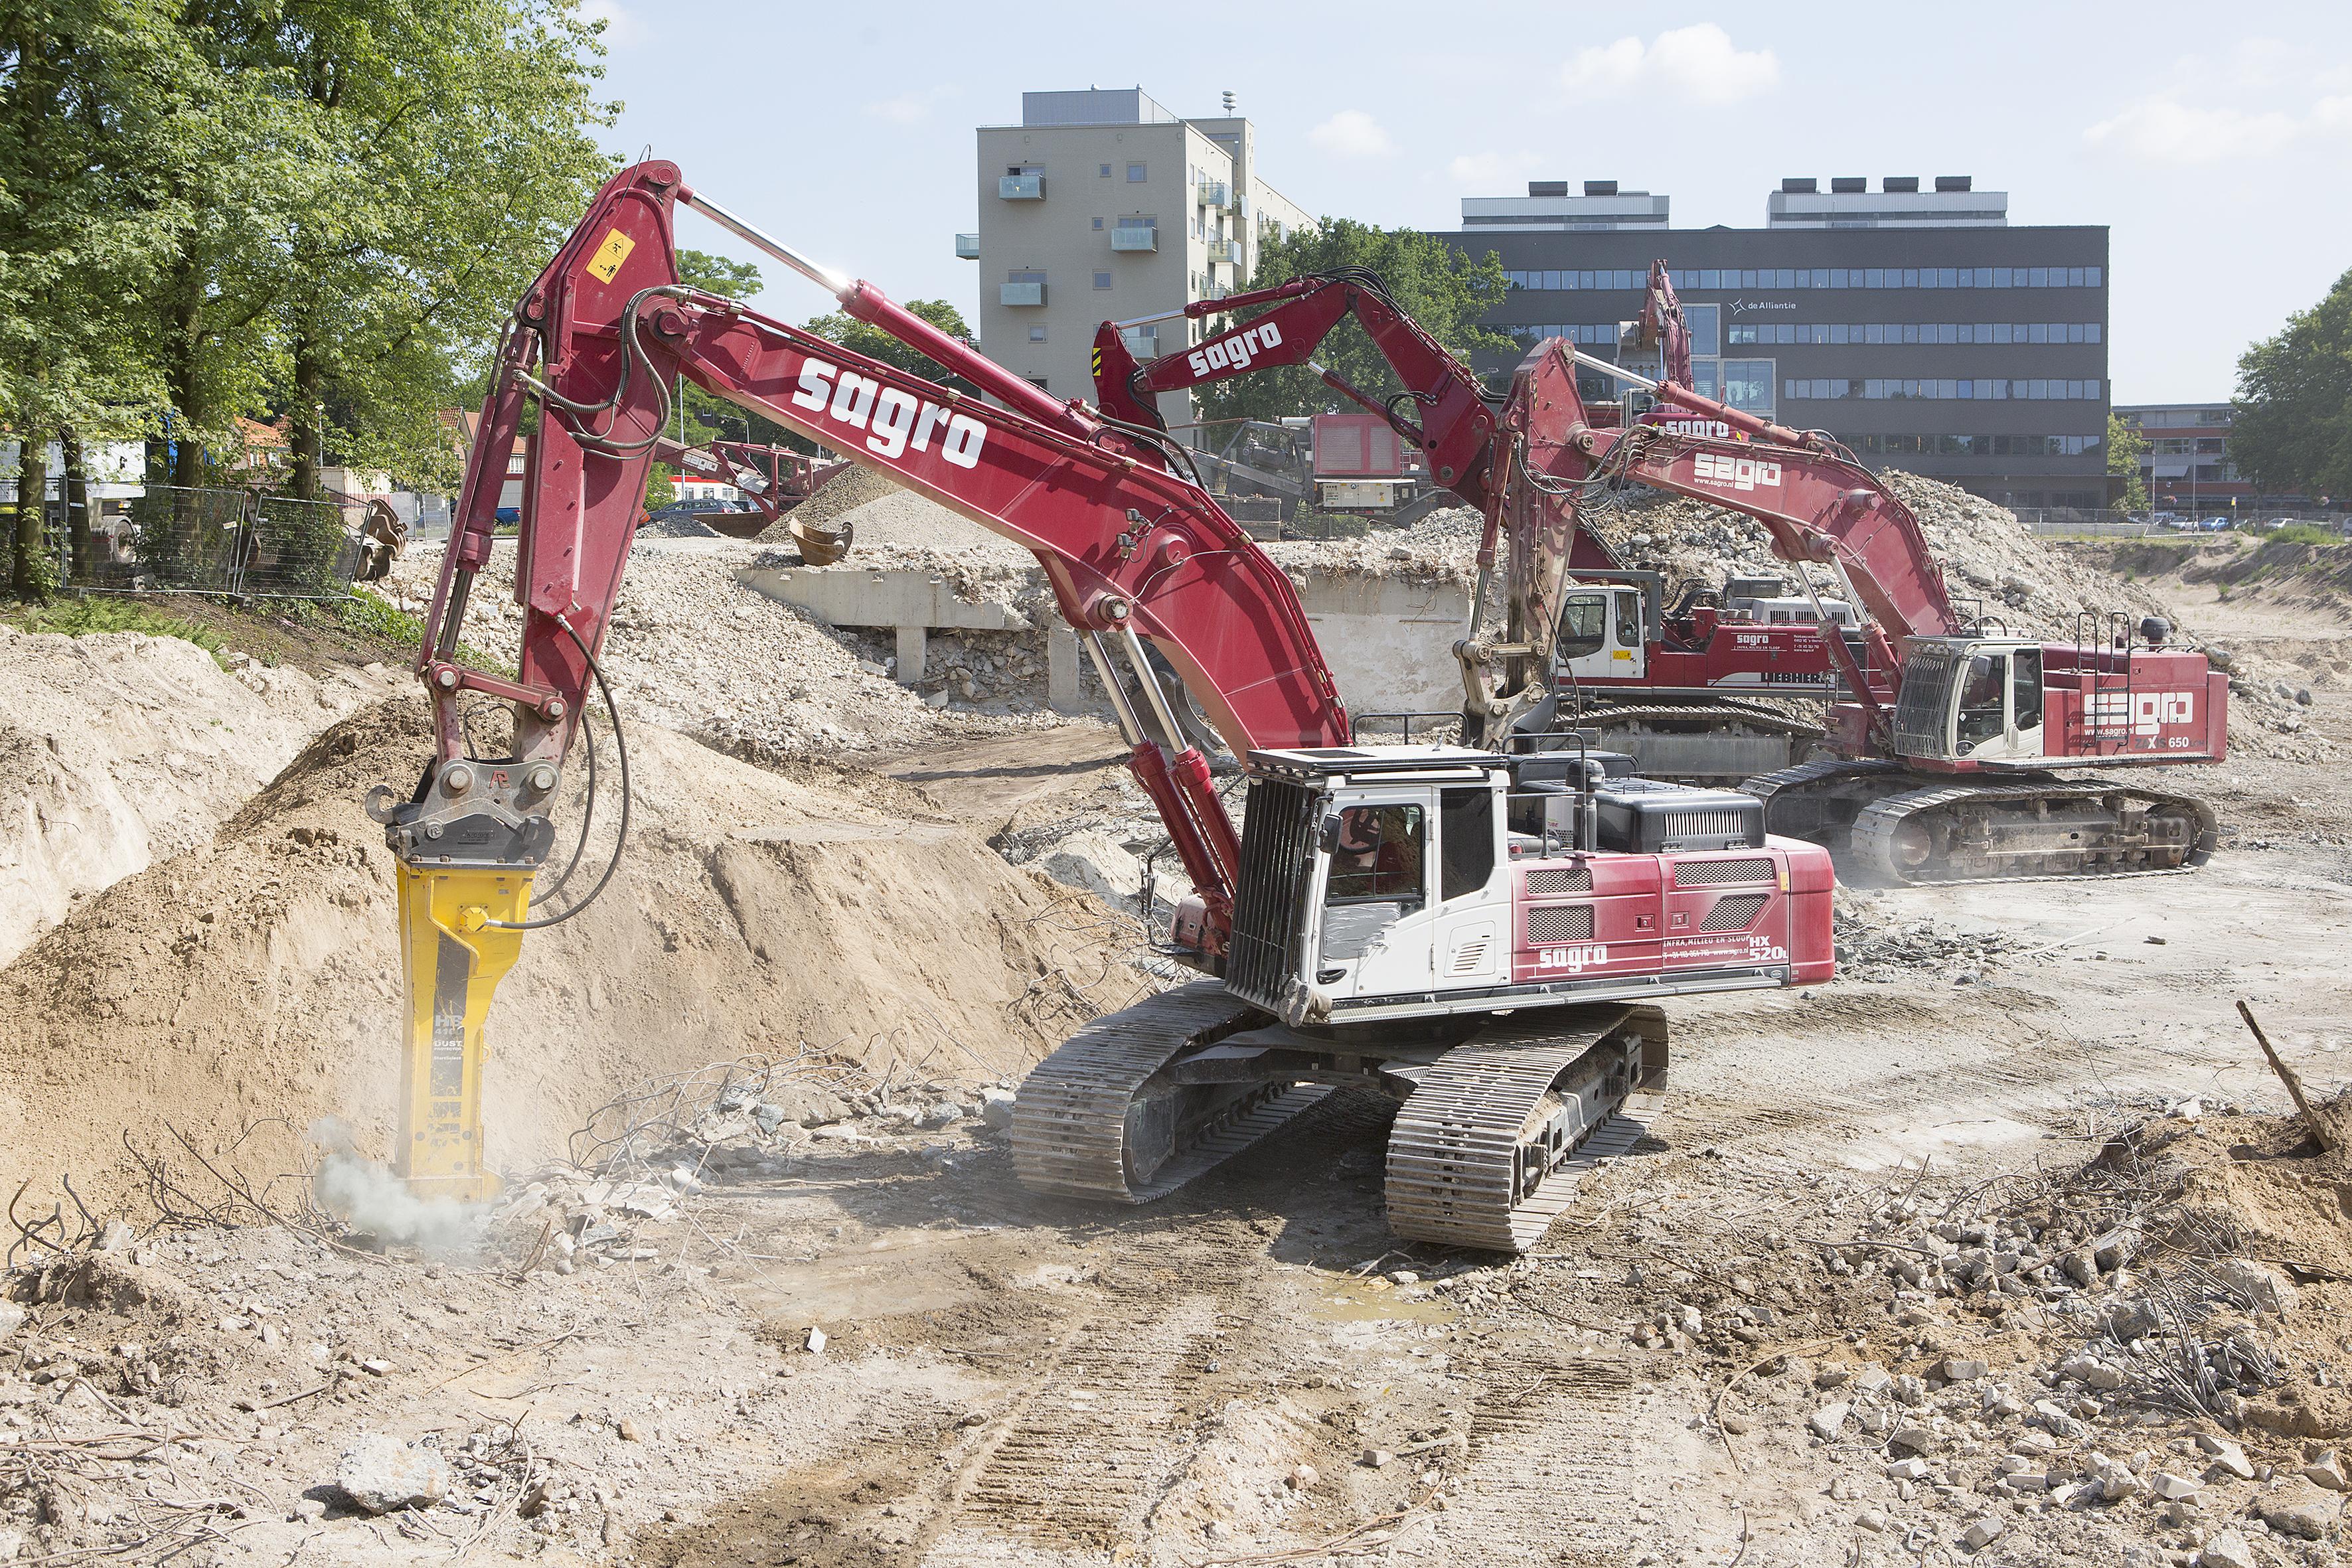 <p>Sagro werkt op een betrekkelijk klein oppervlakte met zes sloopkranen en de Kleemann breker aan het opruimen van wat nog rest van de voormalige kantoorgebouwen. Het kantorencomplex, waar eens Lucent Technologies gevestigd was, maakt plaats voor een parkeergarage.</p>